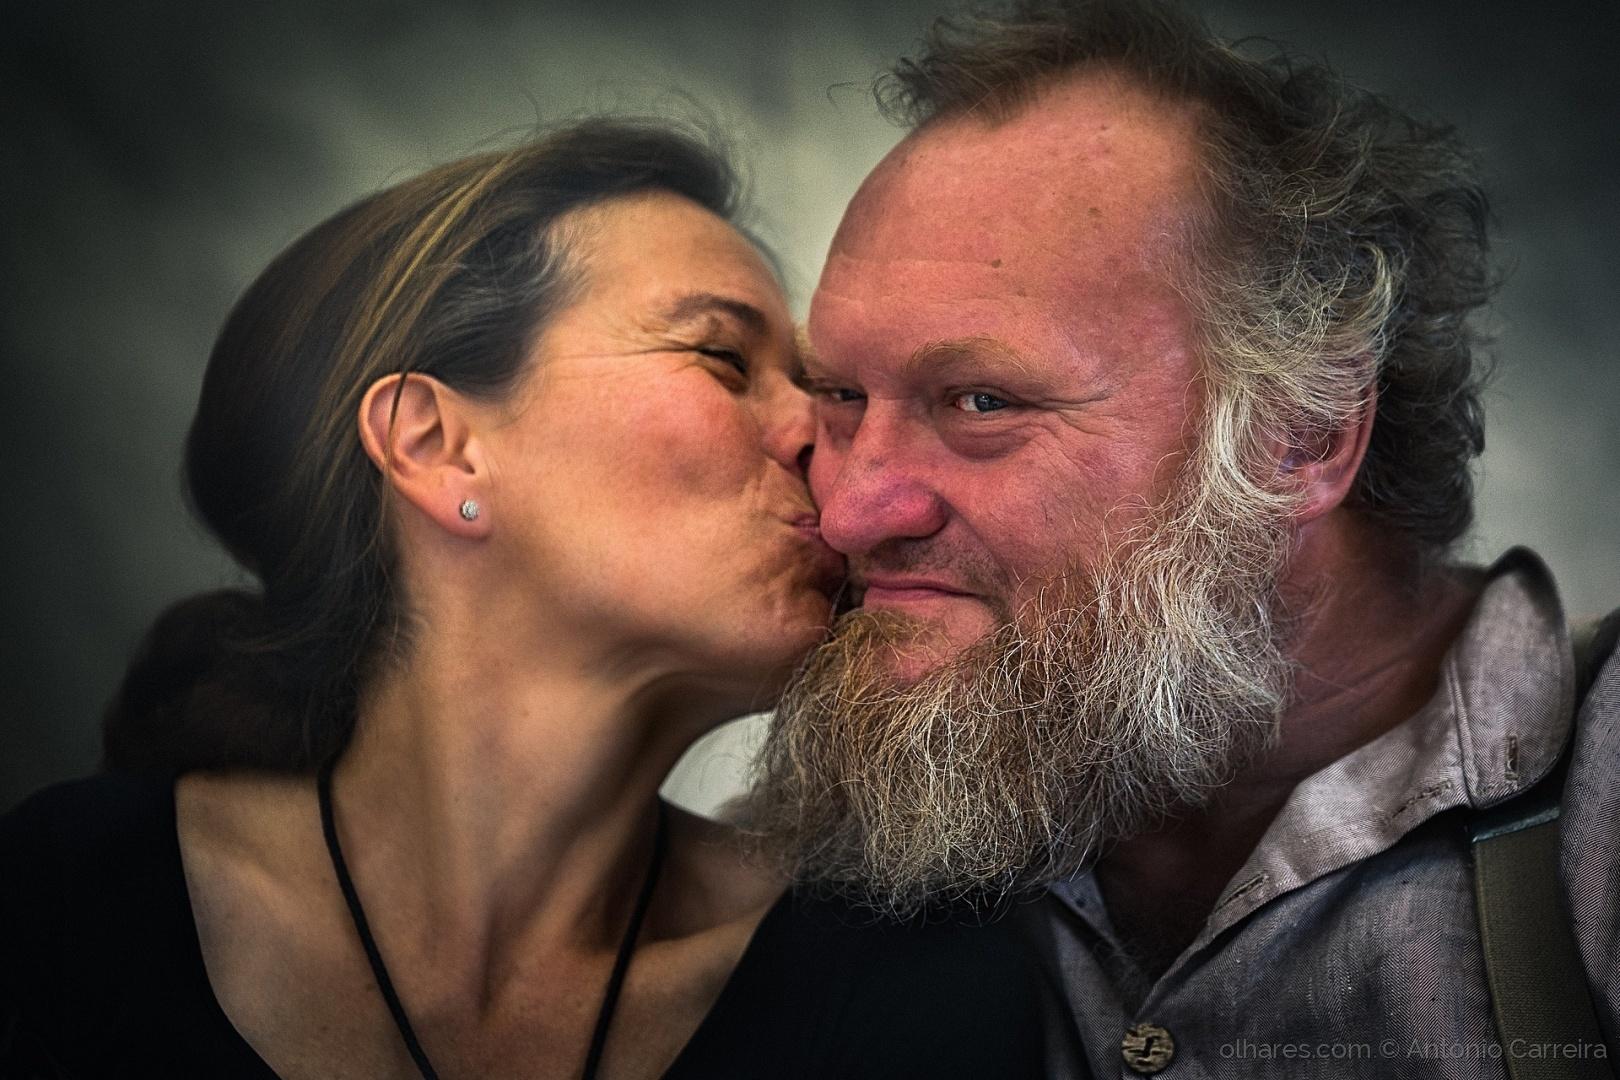 © António Carreira - O beijo